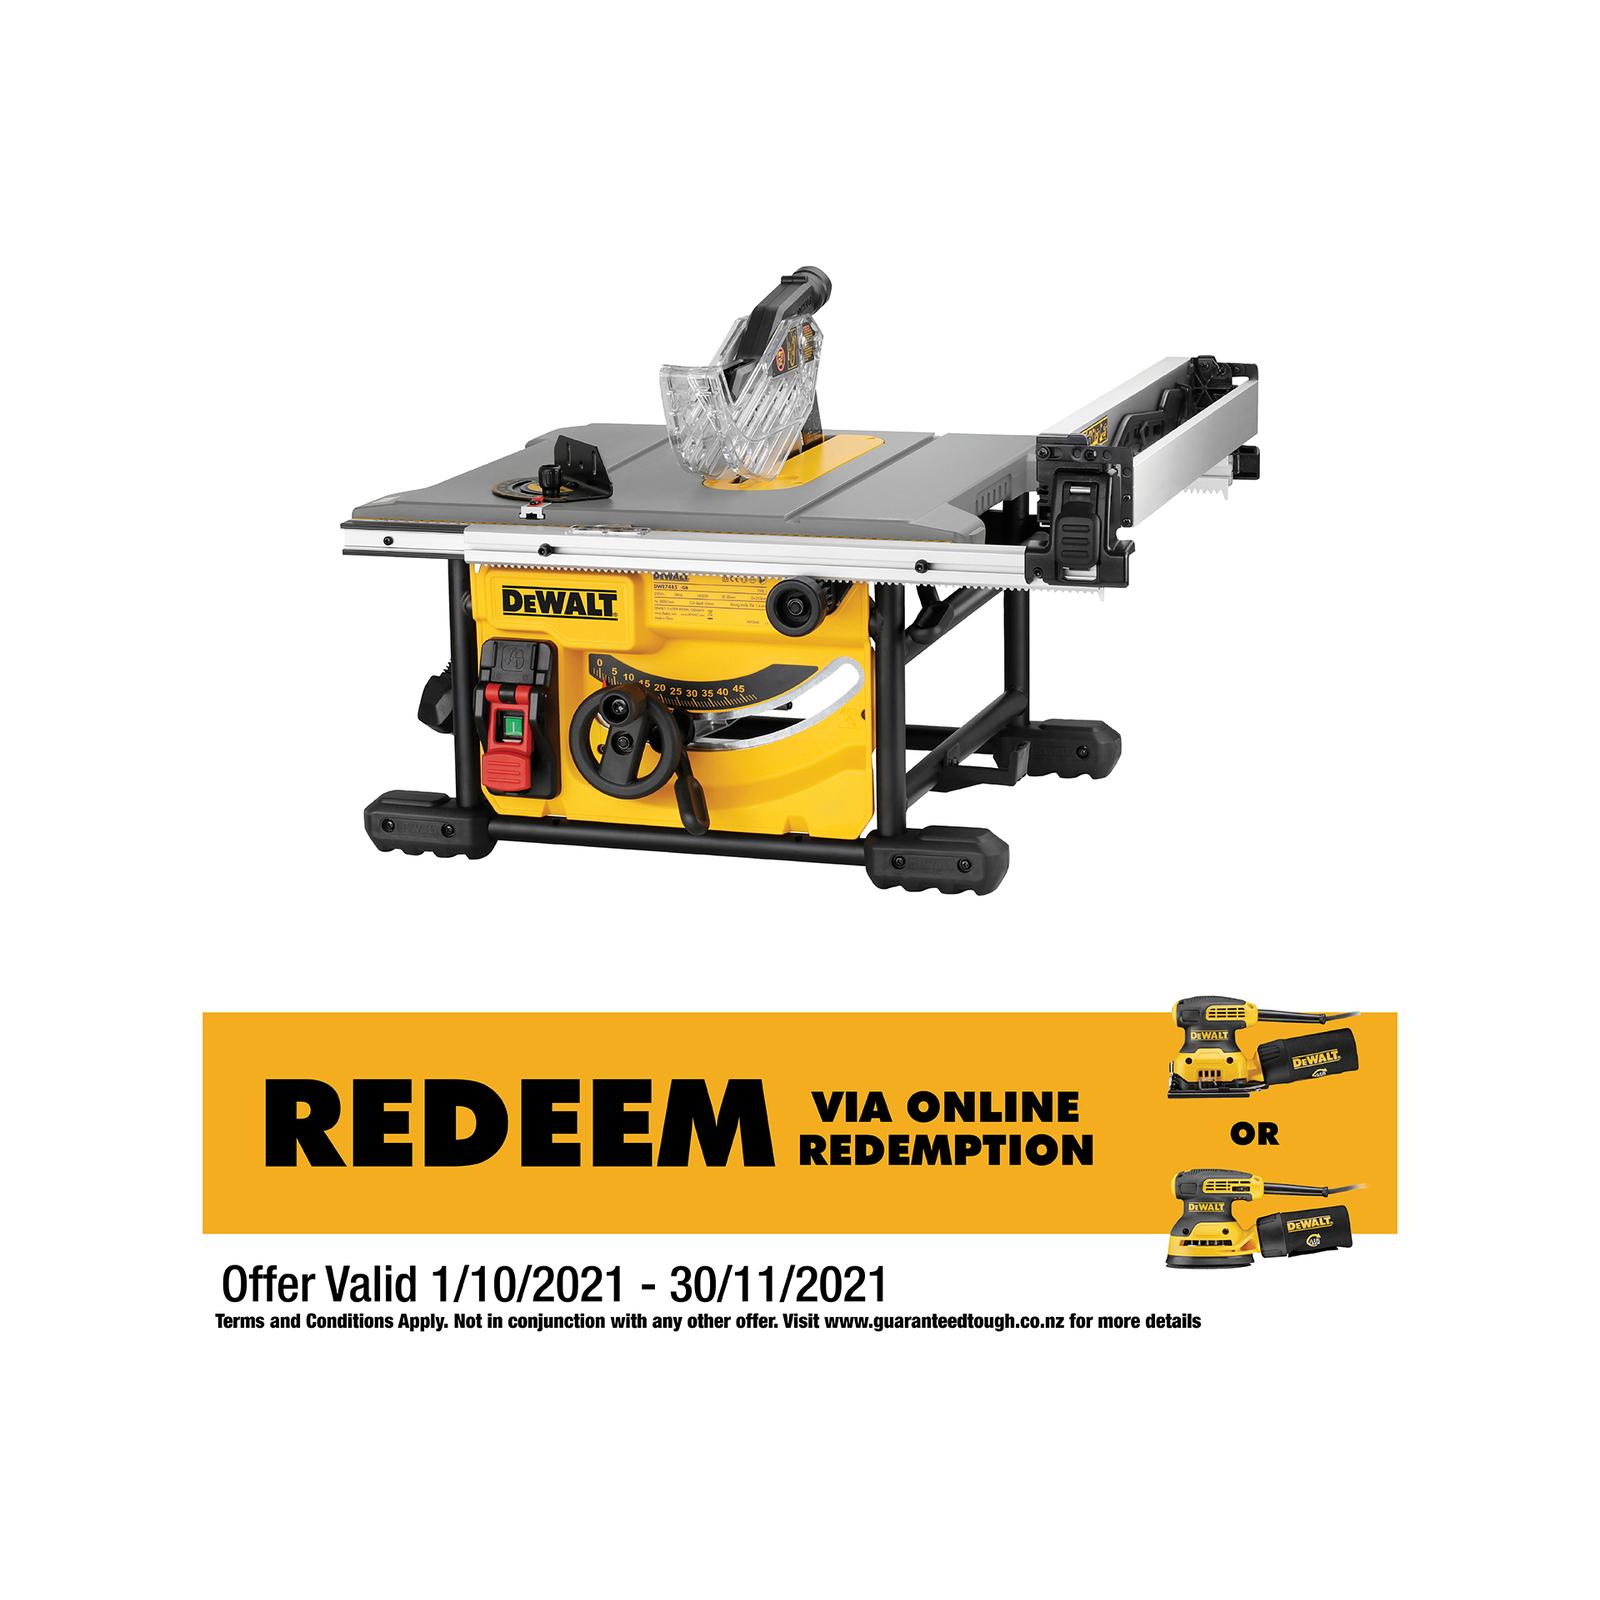 DeWALT 1850W 210mm Portable Table Saw